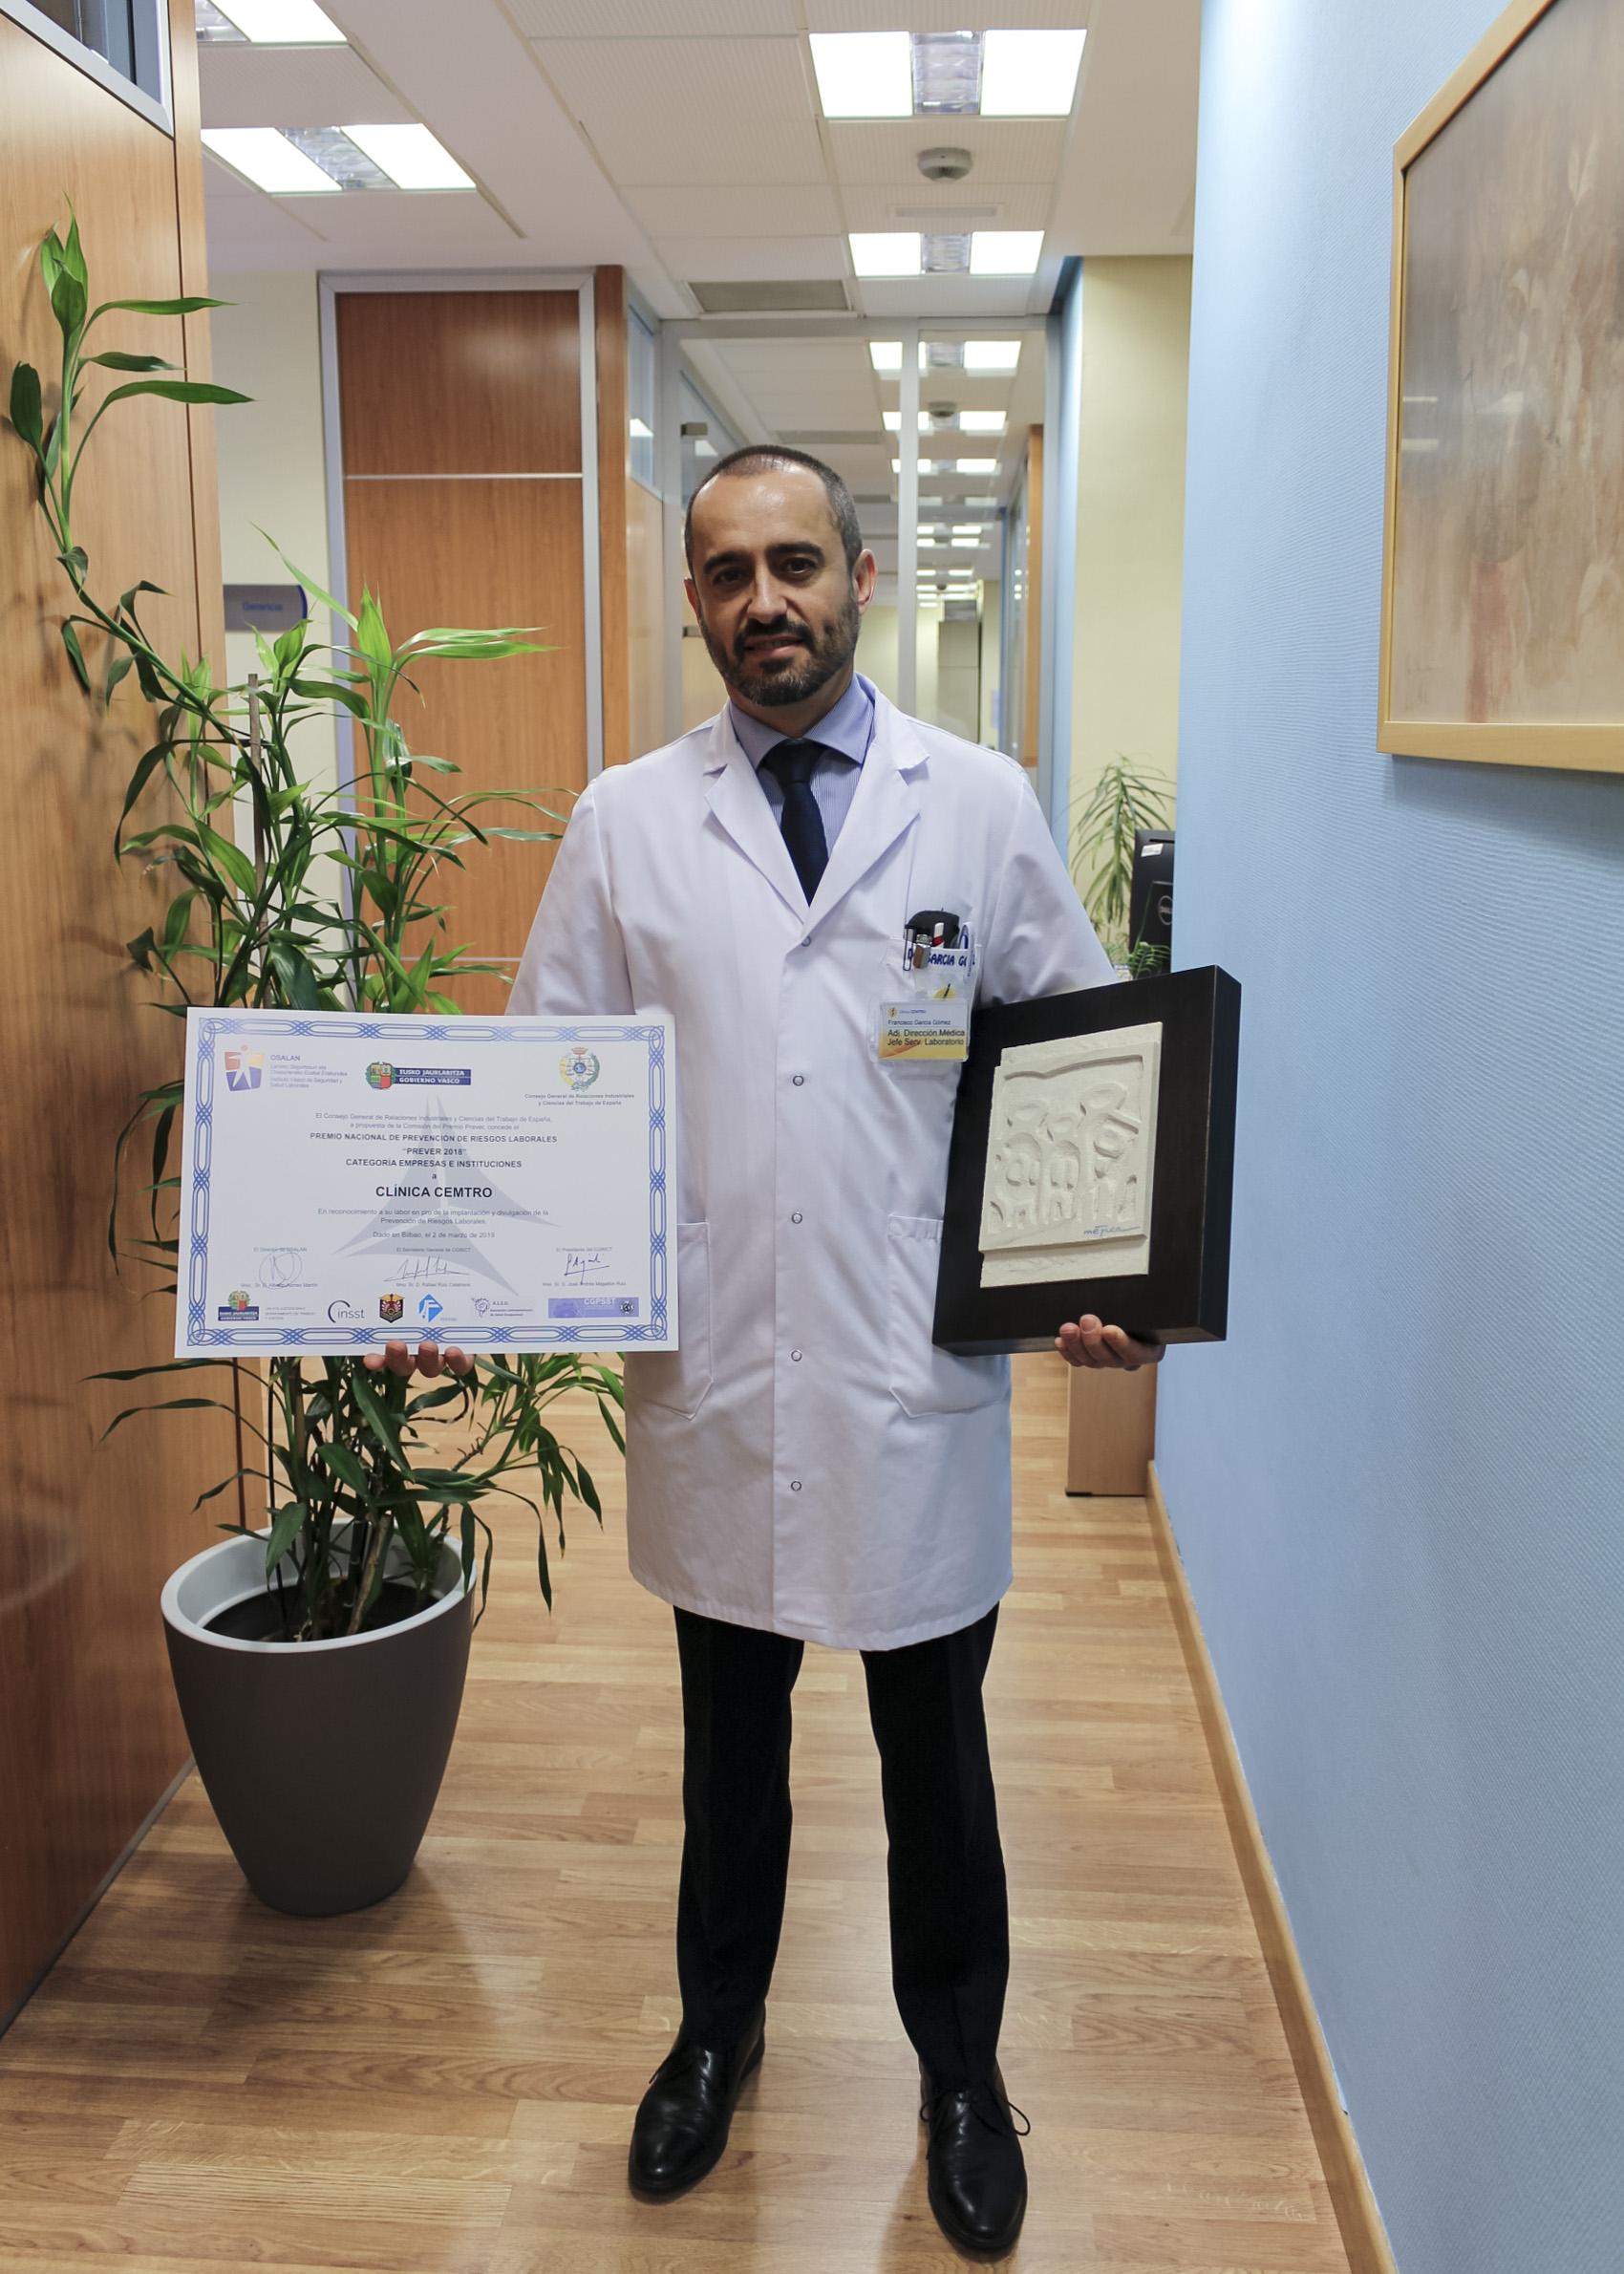 Clinica CEMTRO Premio Prever 2018